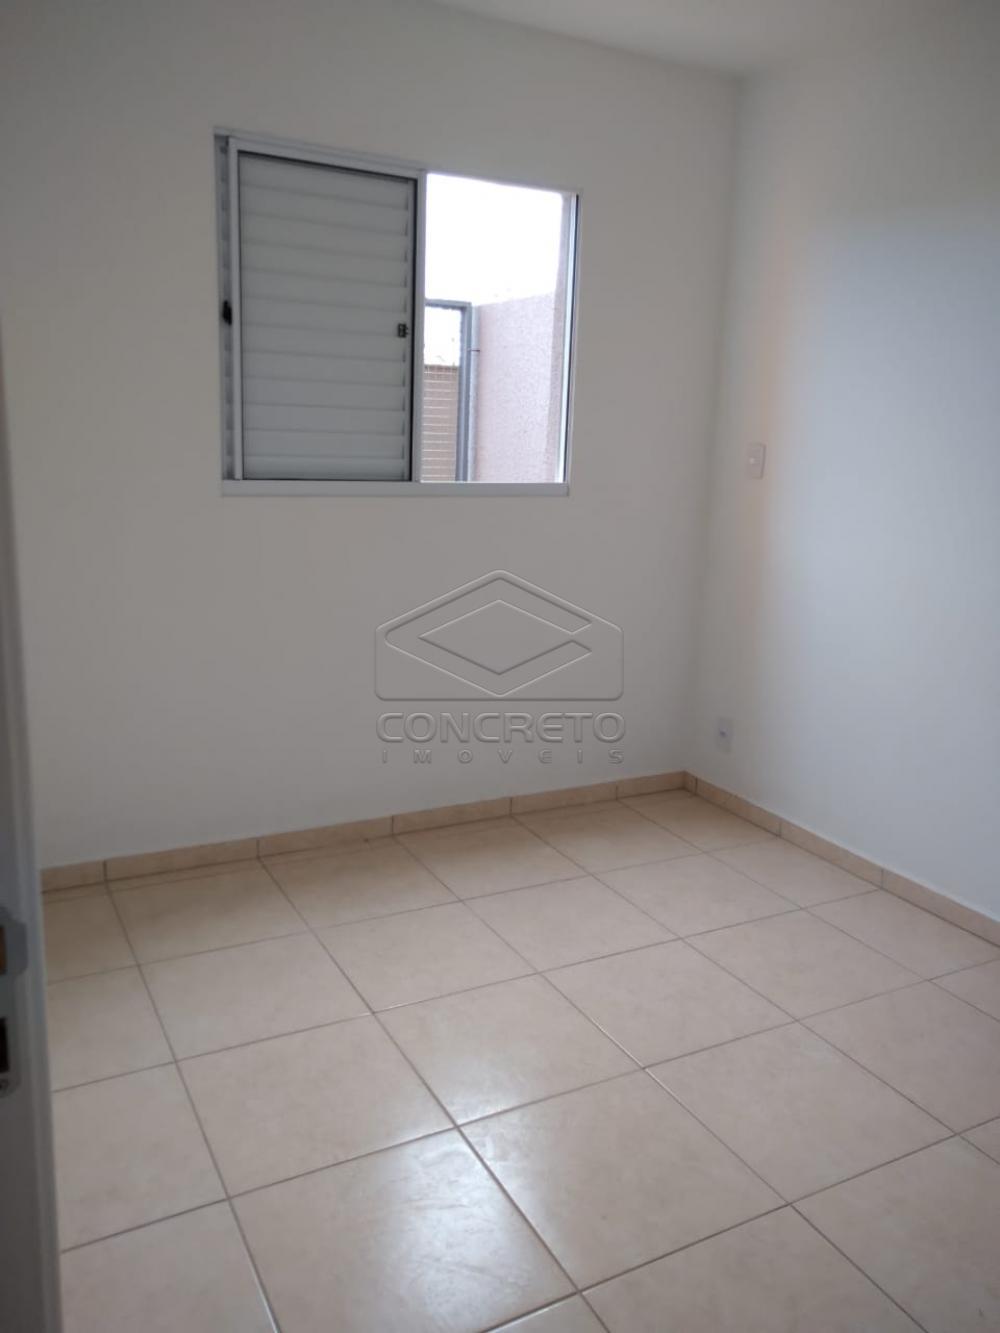 Comprar Apartamento / Padrão em Jaú apenas R$ 170.000,00 - Foto 4